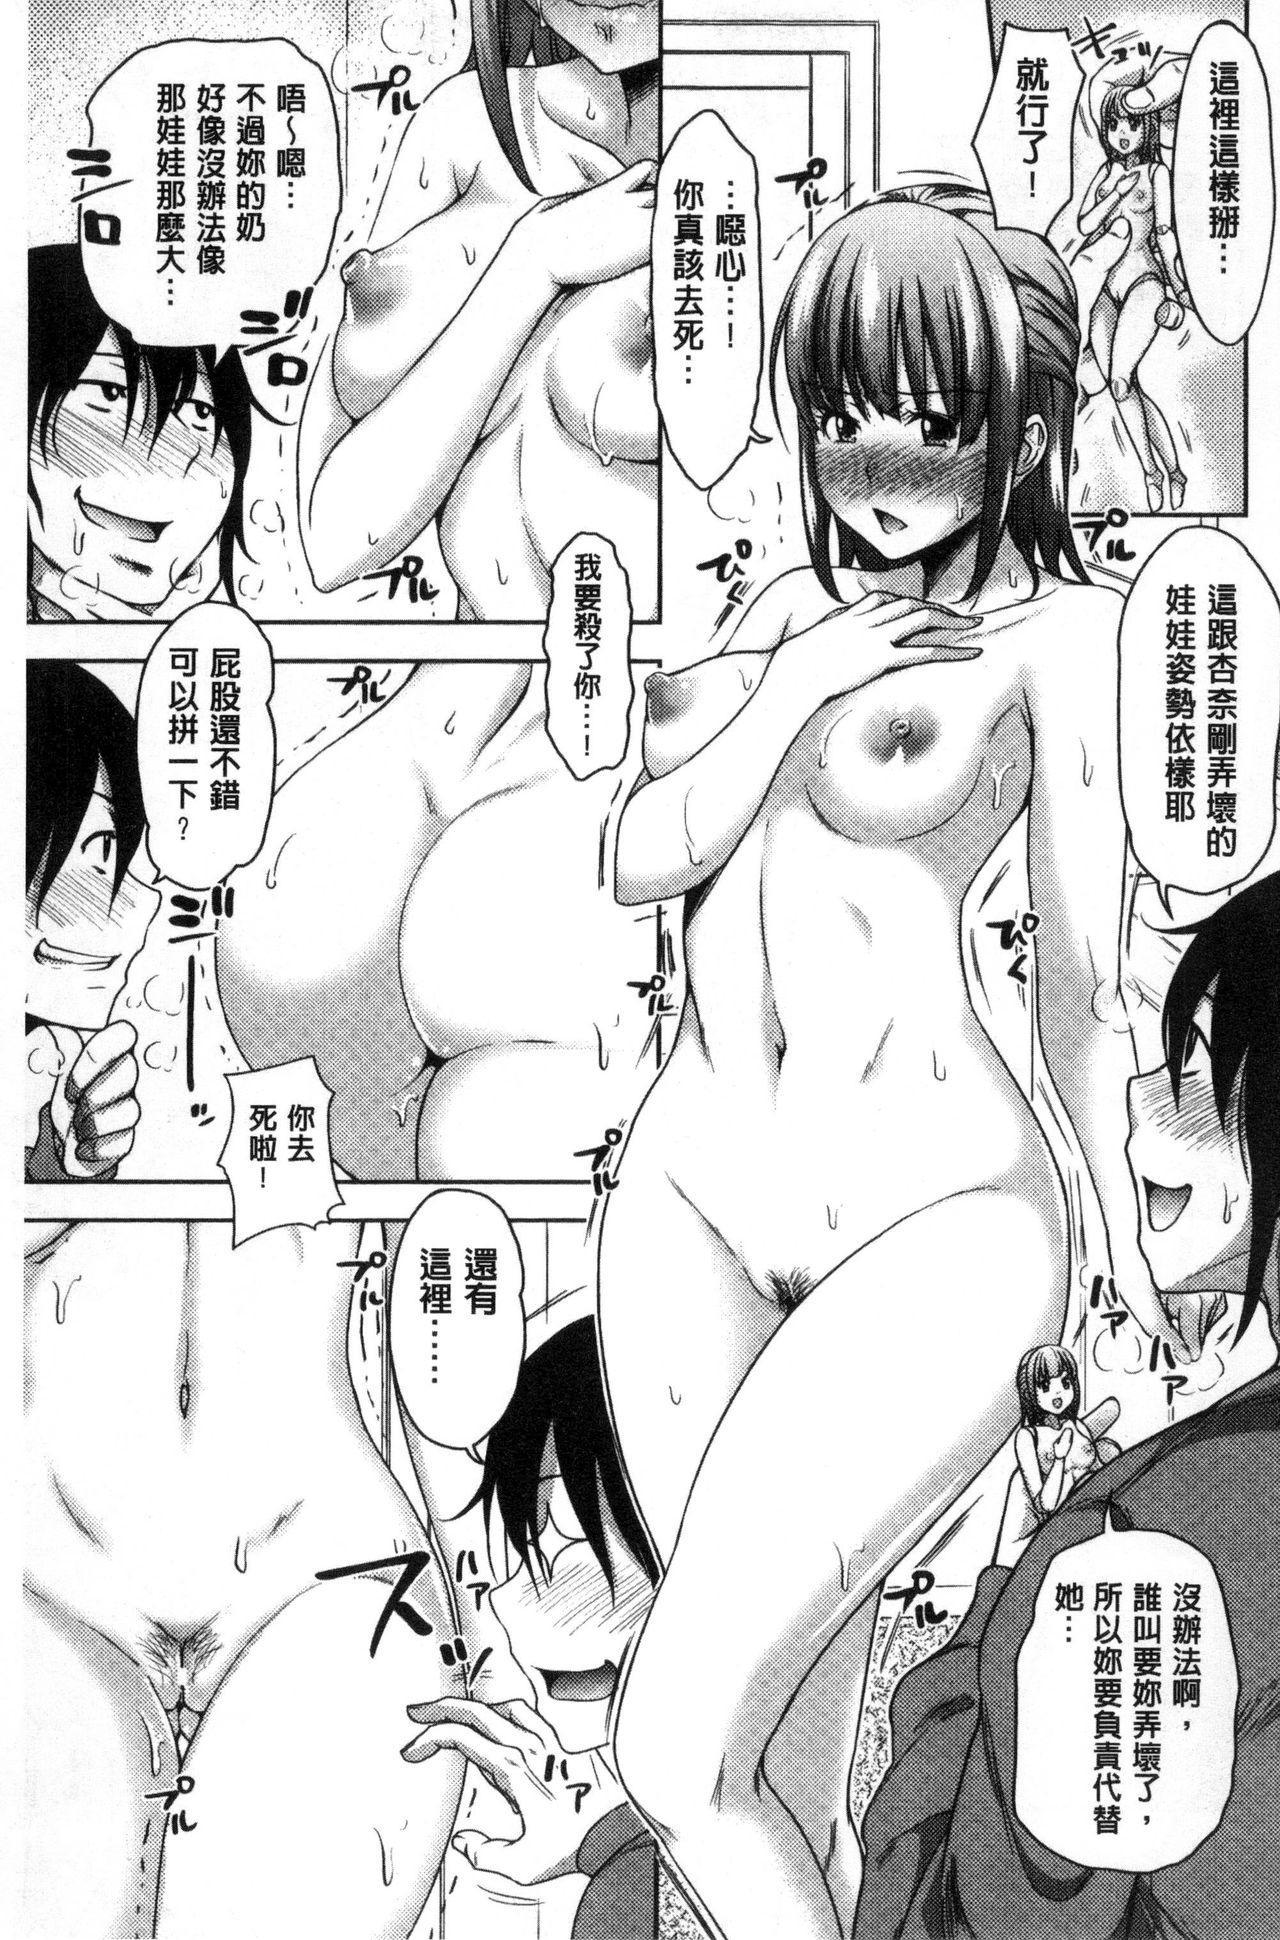 [Takuwan] Sanshimai Show Time -Moshi Ore ga 10-nen mae no Sugata de Seishun Yarinaosetara- | 三姉妹ShowTime -如果我以10年前的模樣青春再玩一次的話- [Chinese] 158